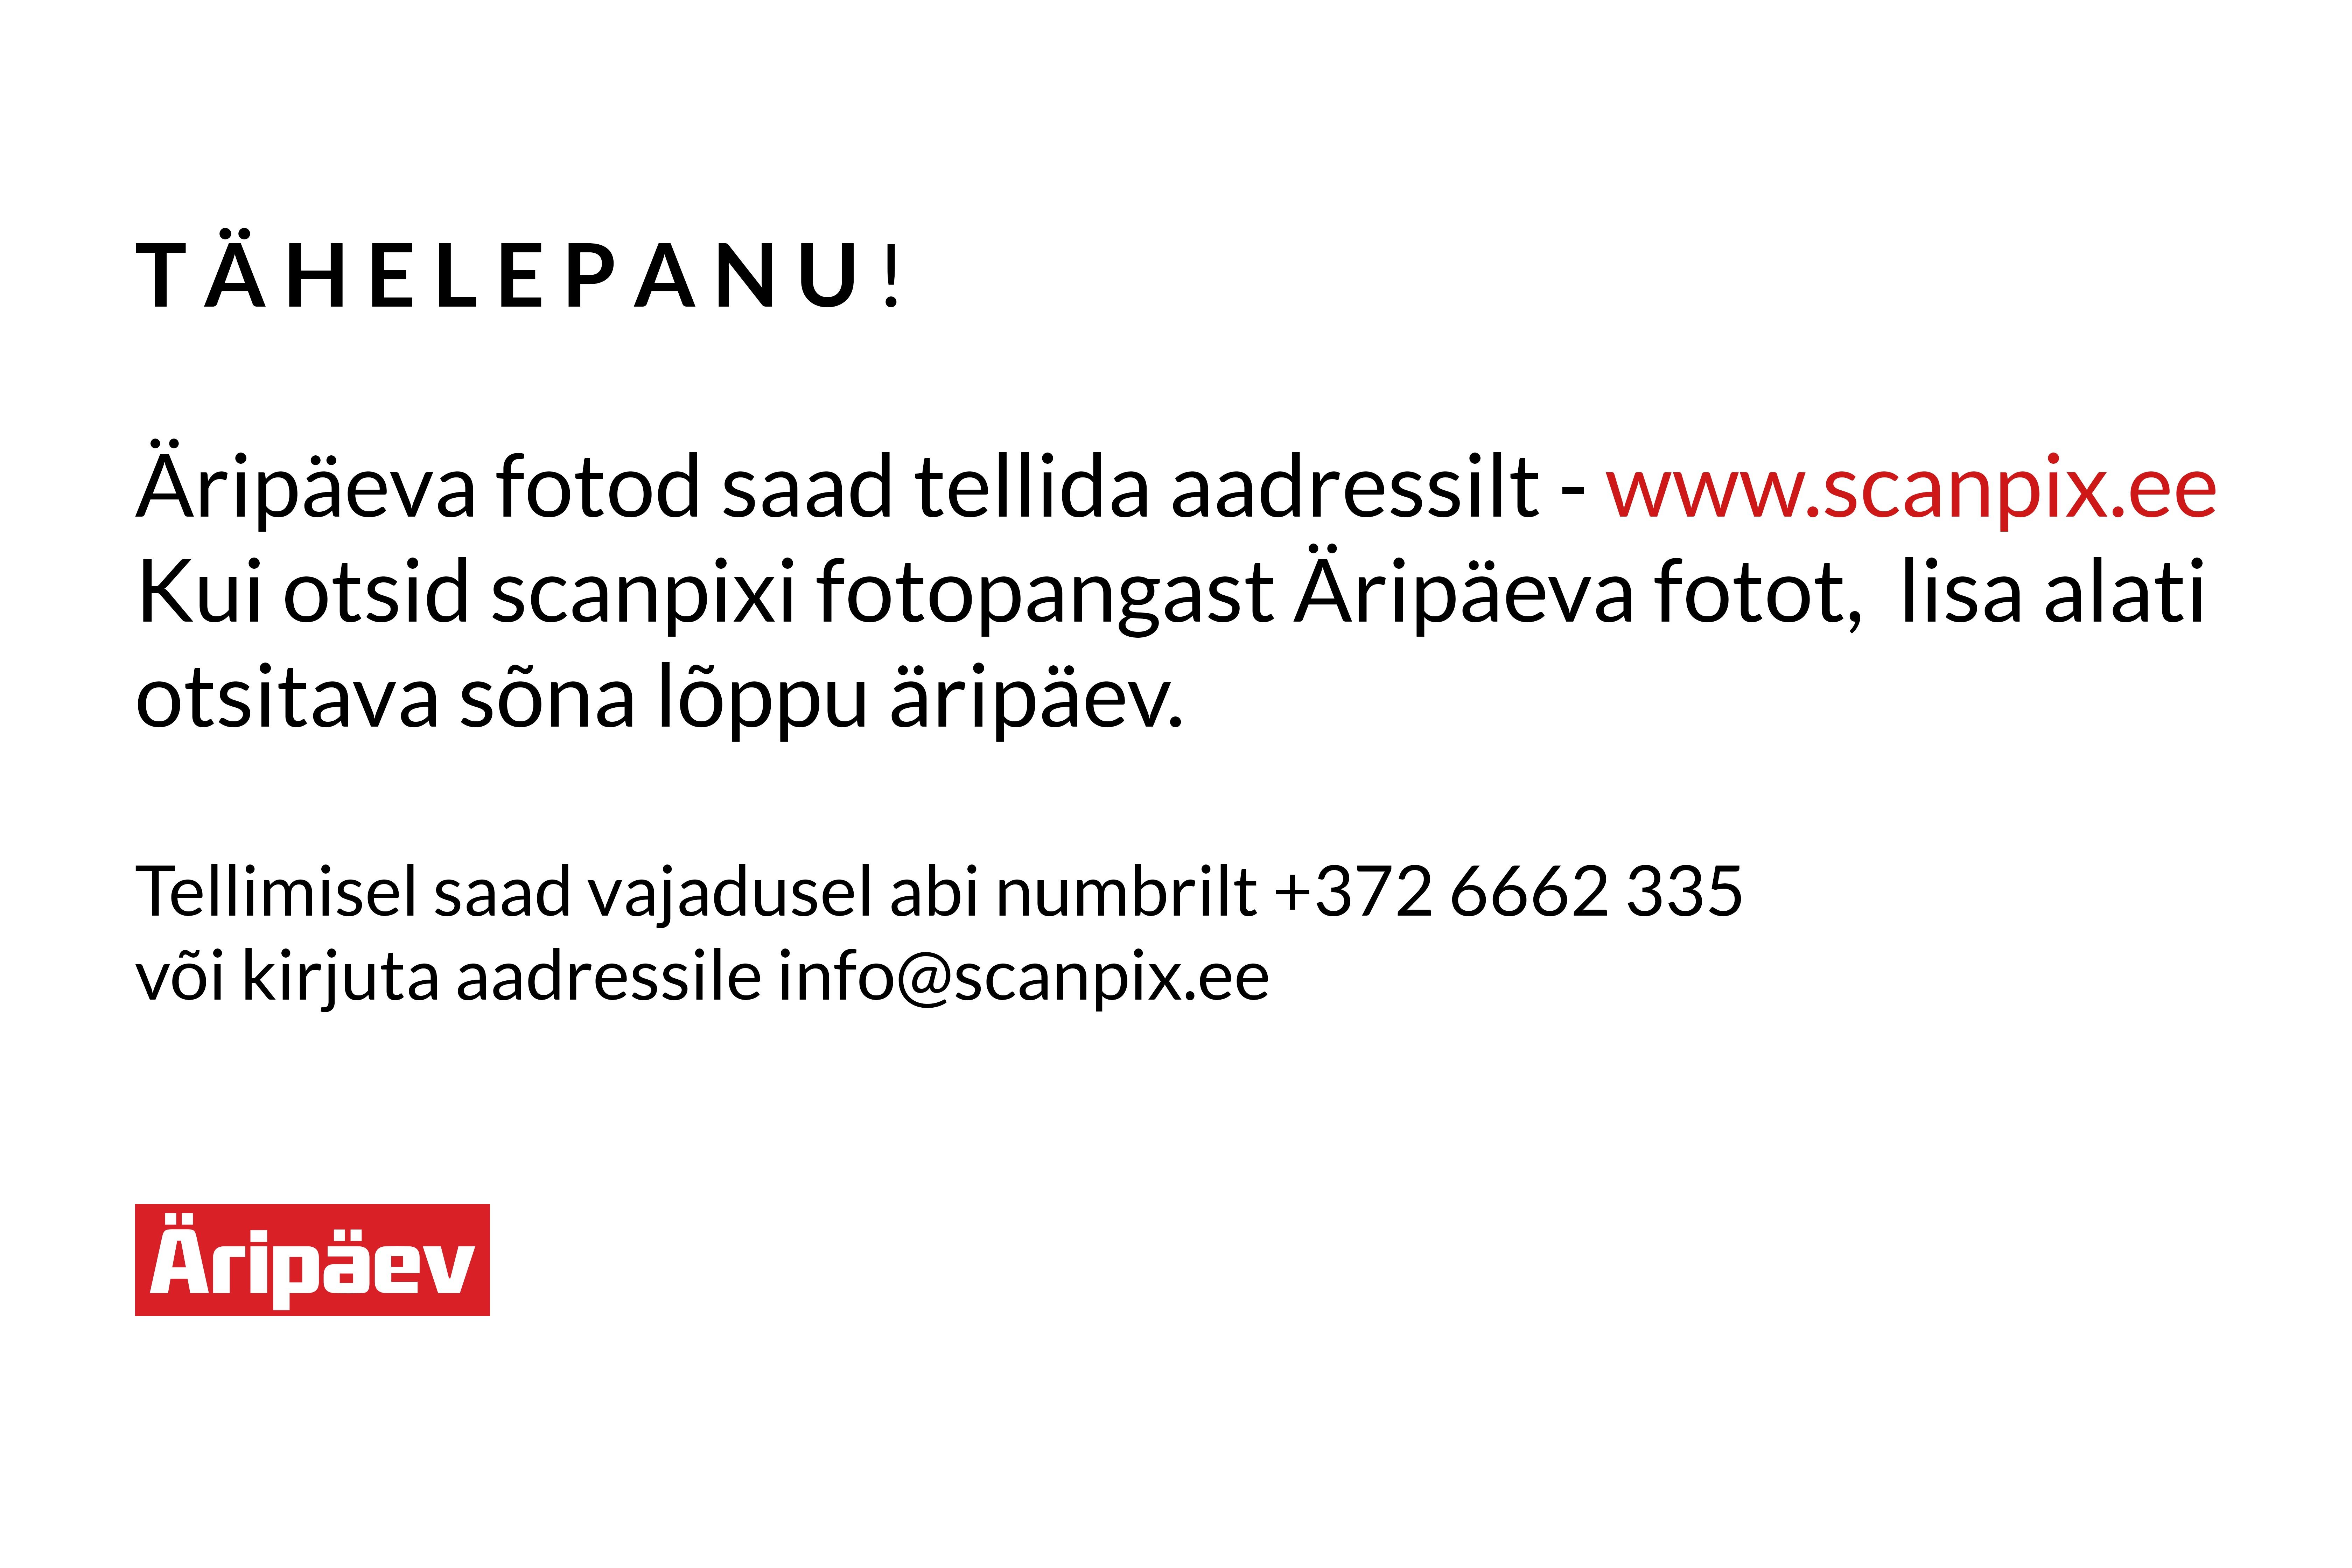 NETI: Eesti WWW Serverid (sorted by IP)